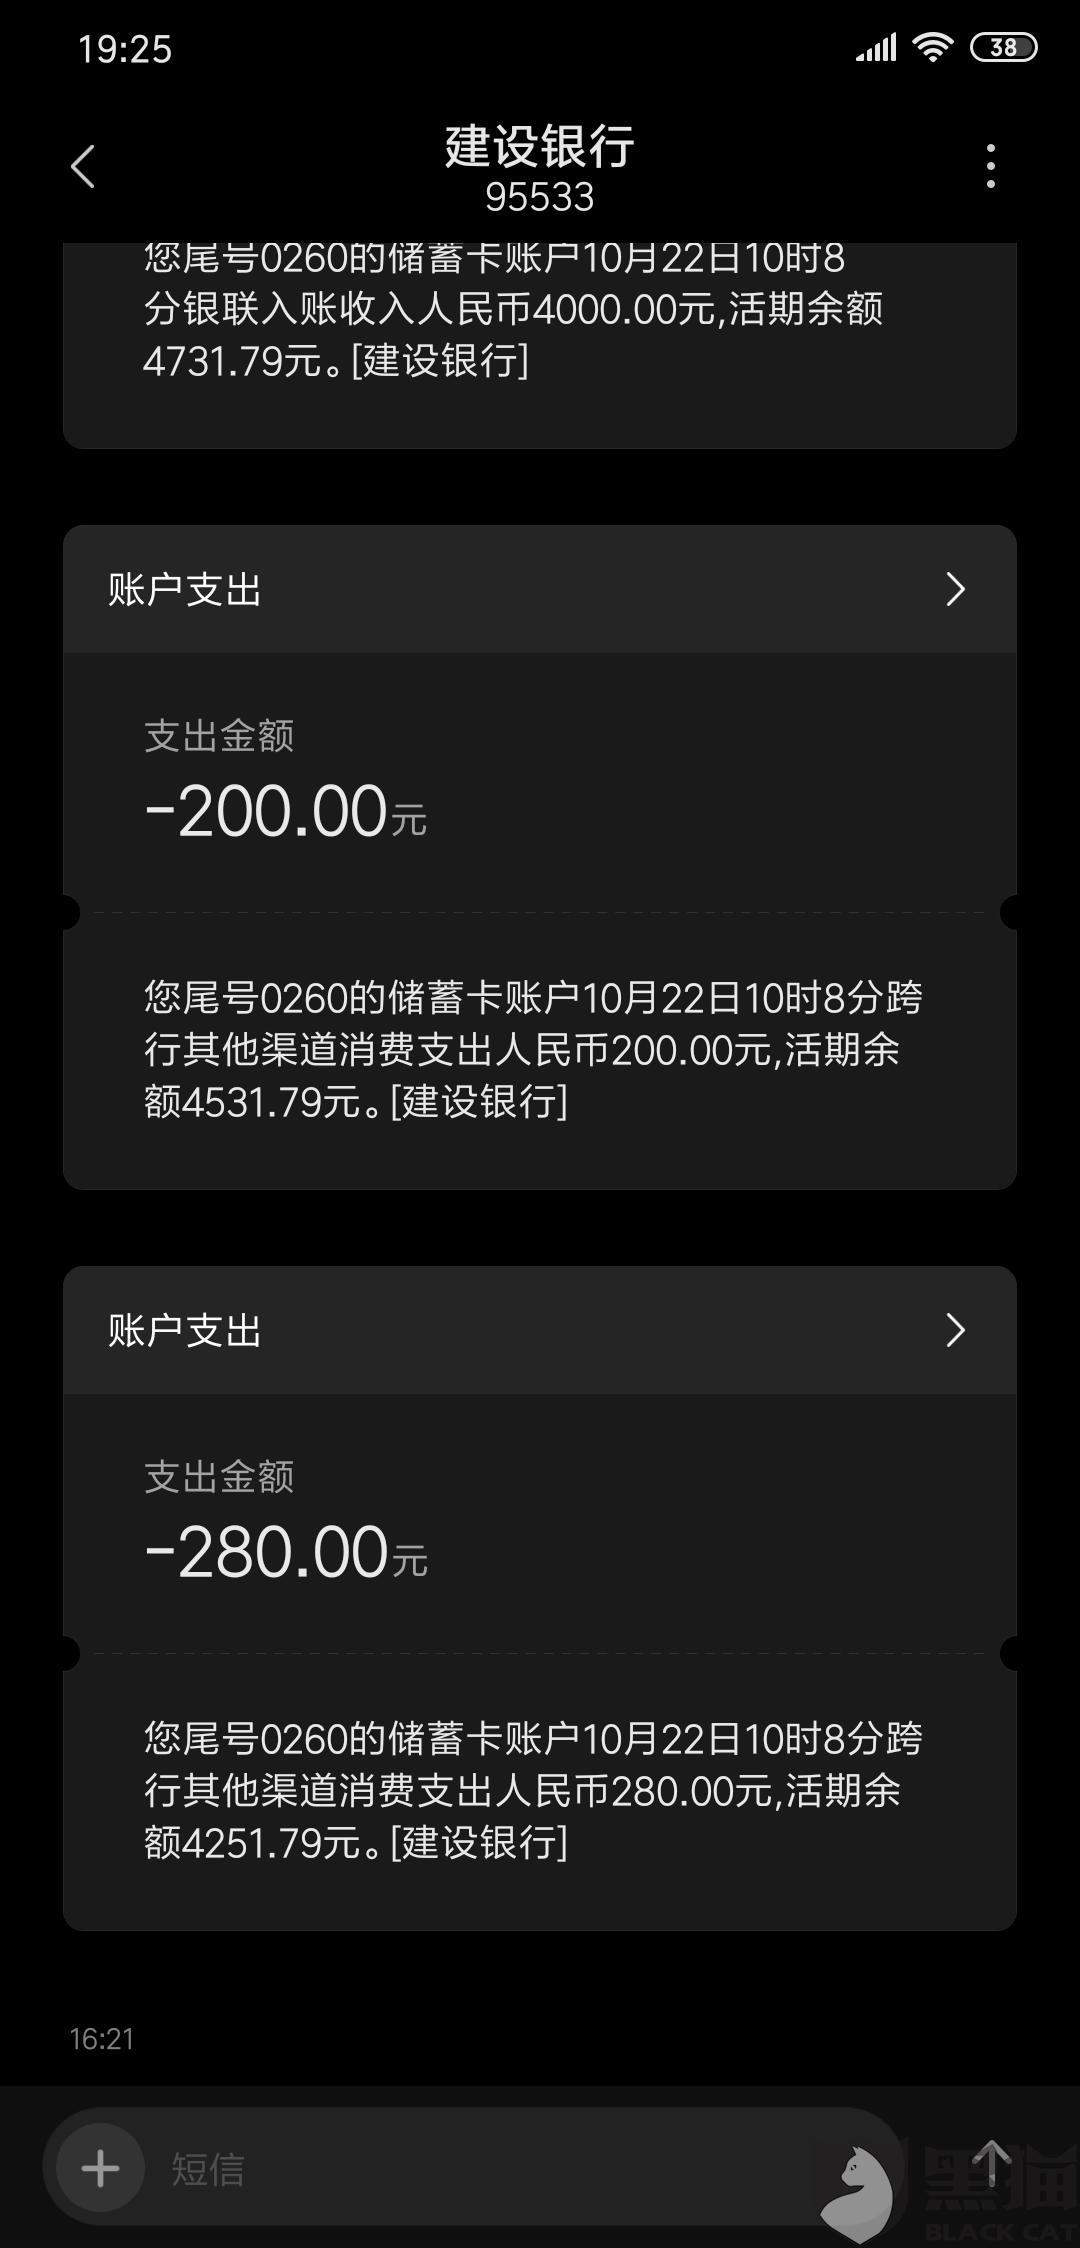 黑猫投诉:广深富源莫名扣款